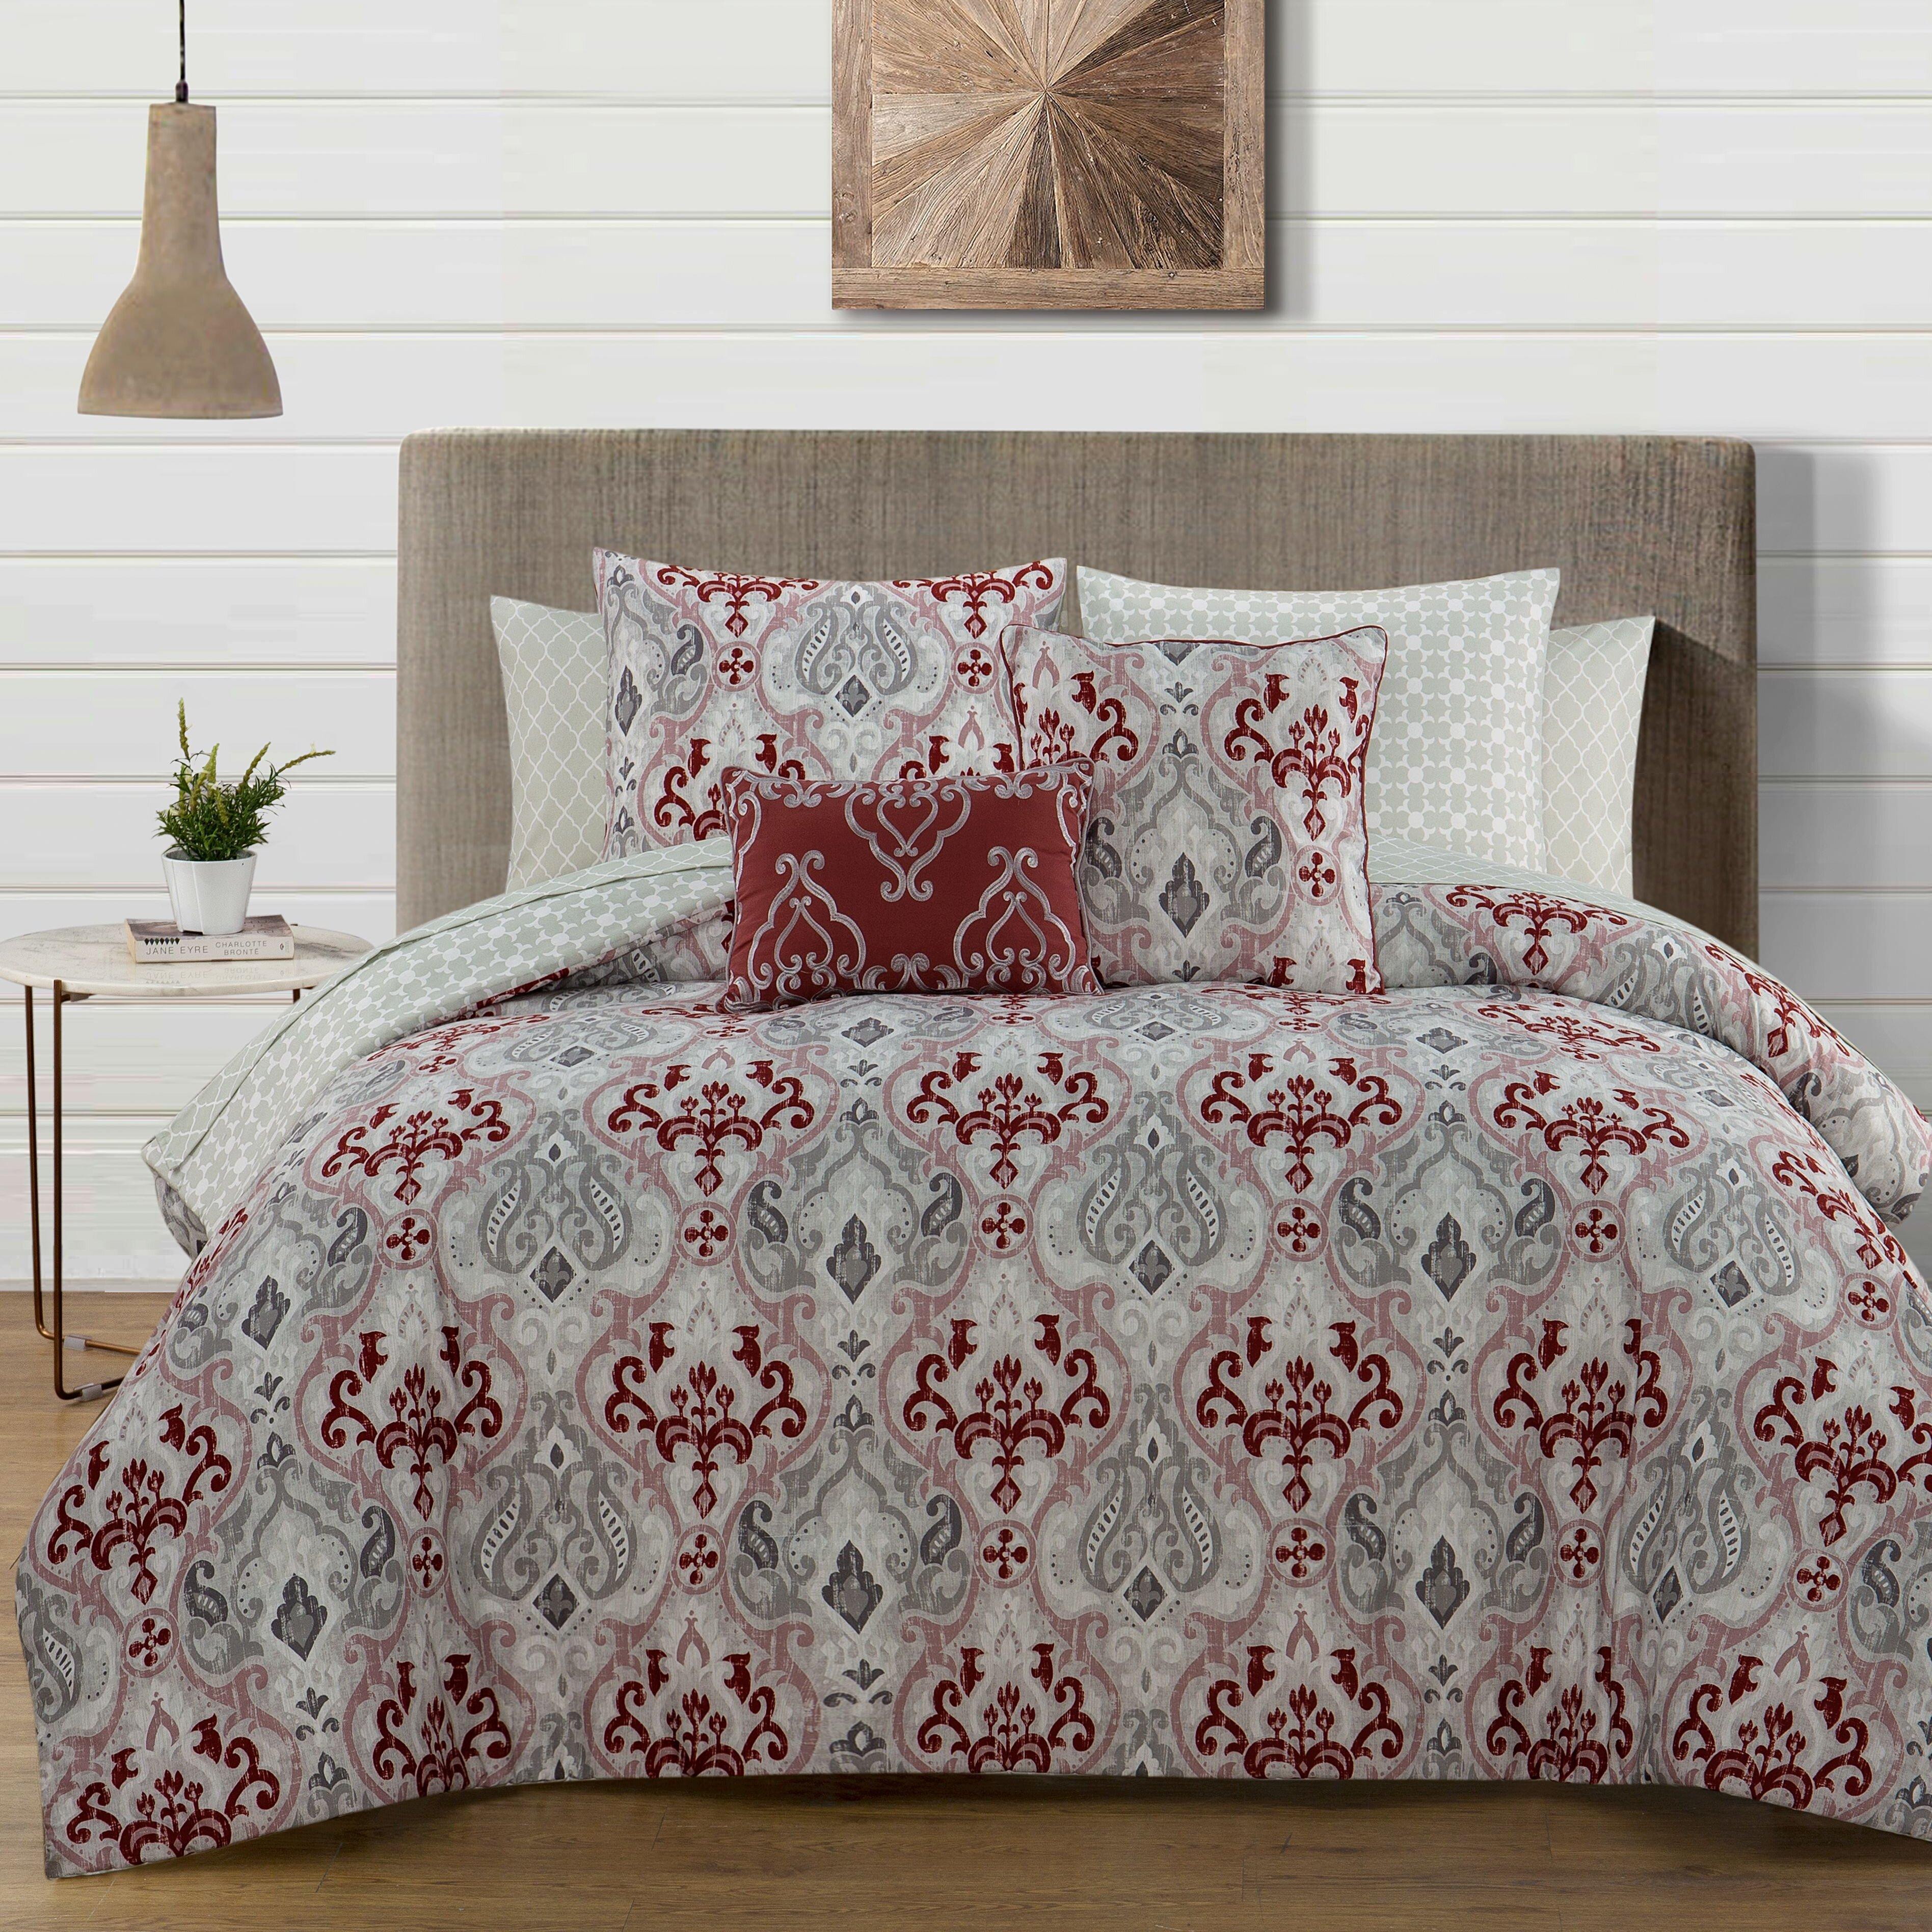 Marlow 9 Piece Comforter Set